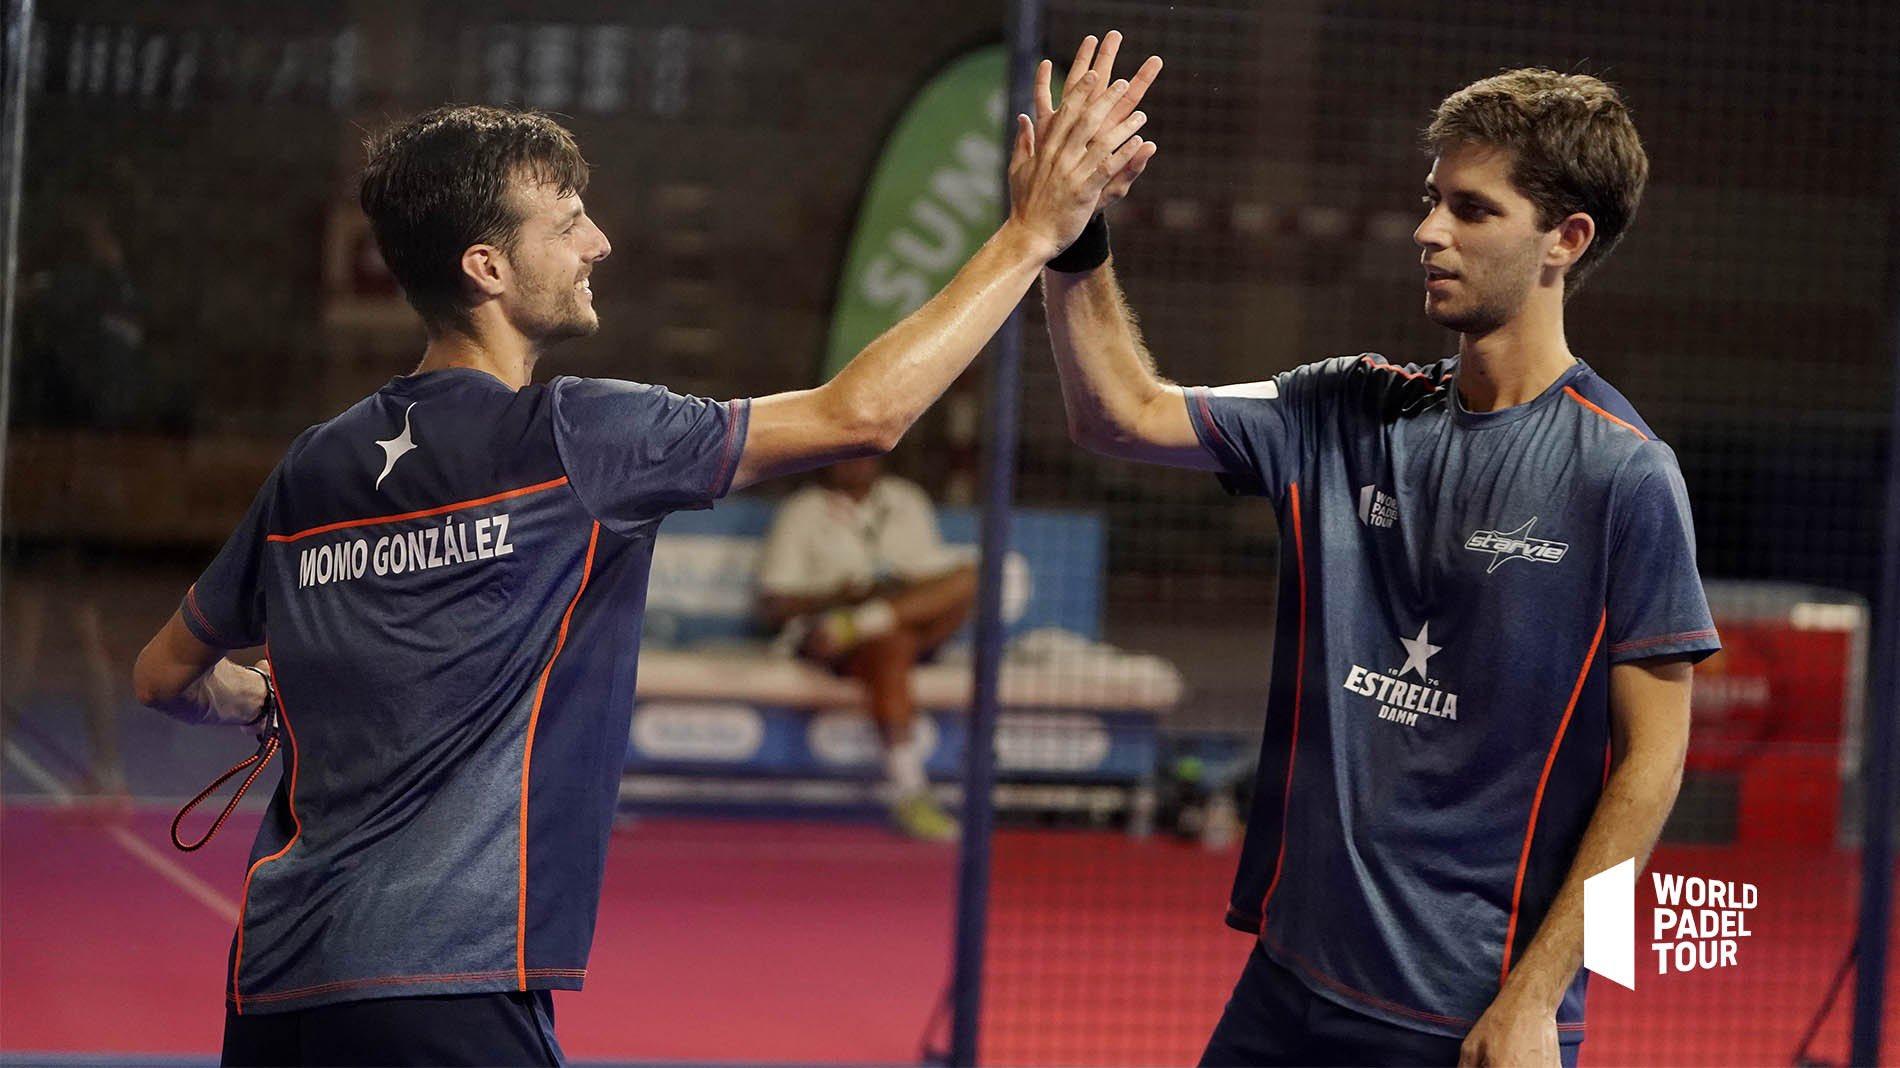 Maty Marina y Momo González siguen su buena racha y también estarán en el cuadro del Valencia Open